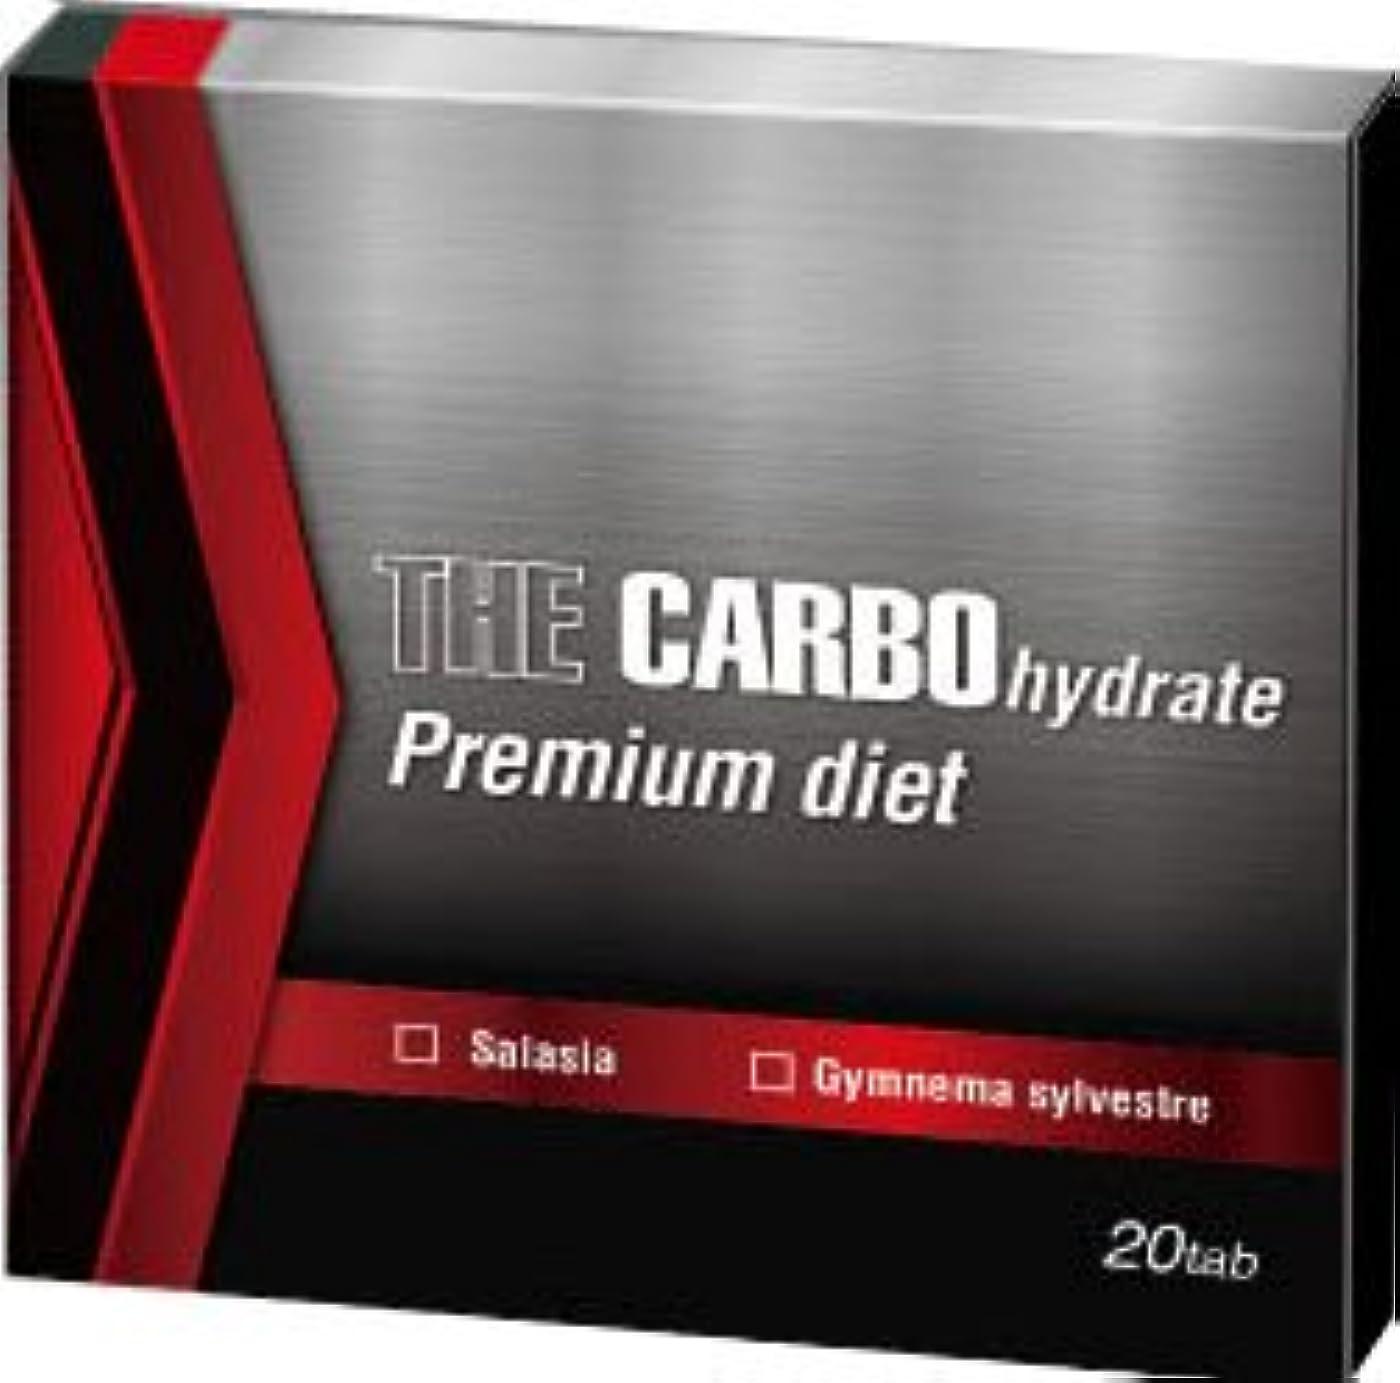 愛するマイクロフォンについてザ?糖質プレミアムダイエット20Tab〔THE CARBO hydrate Premium daiet〕